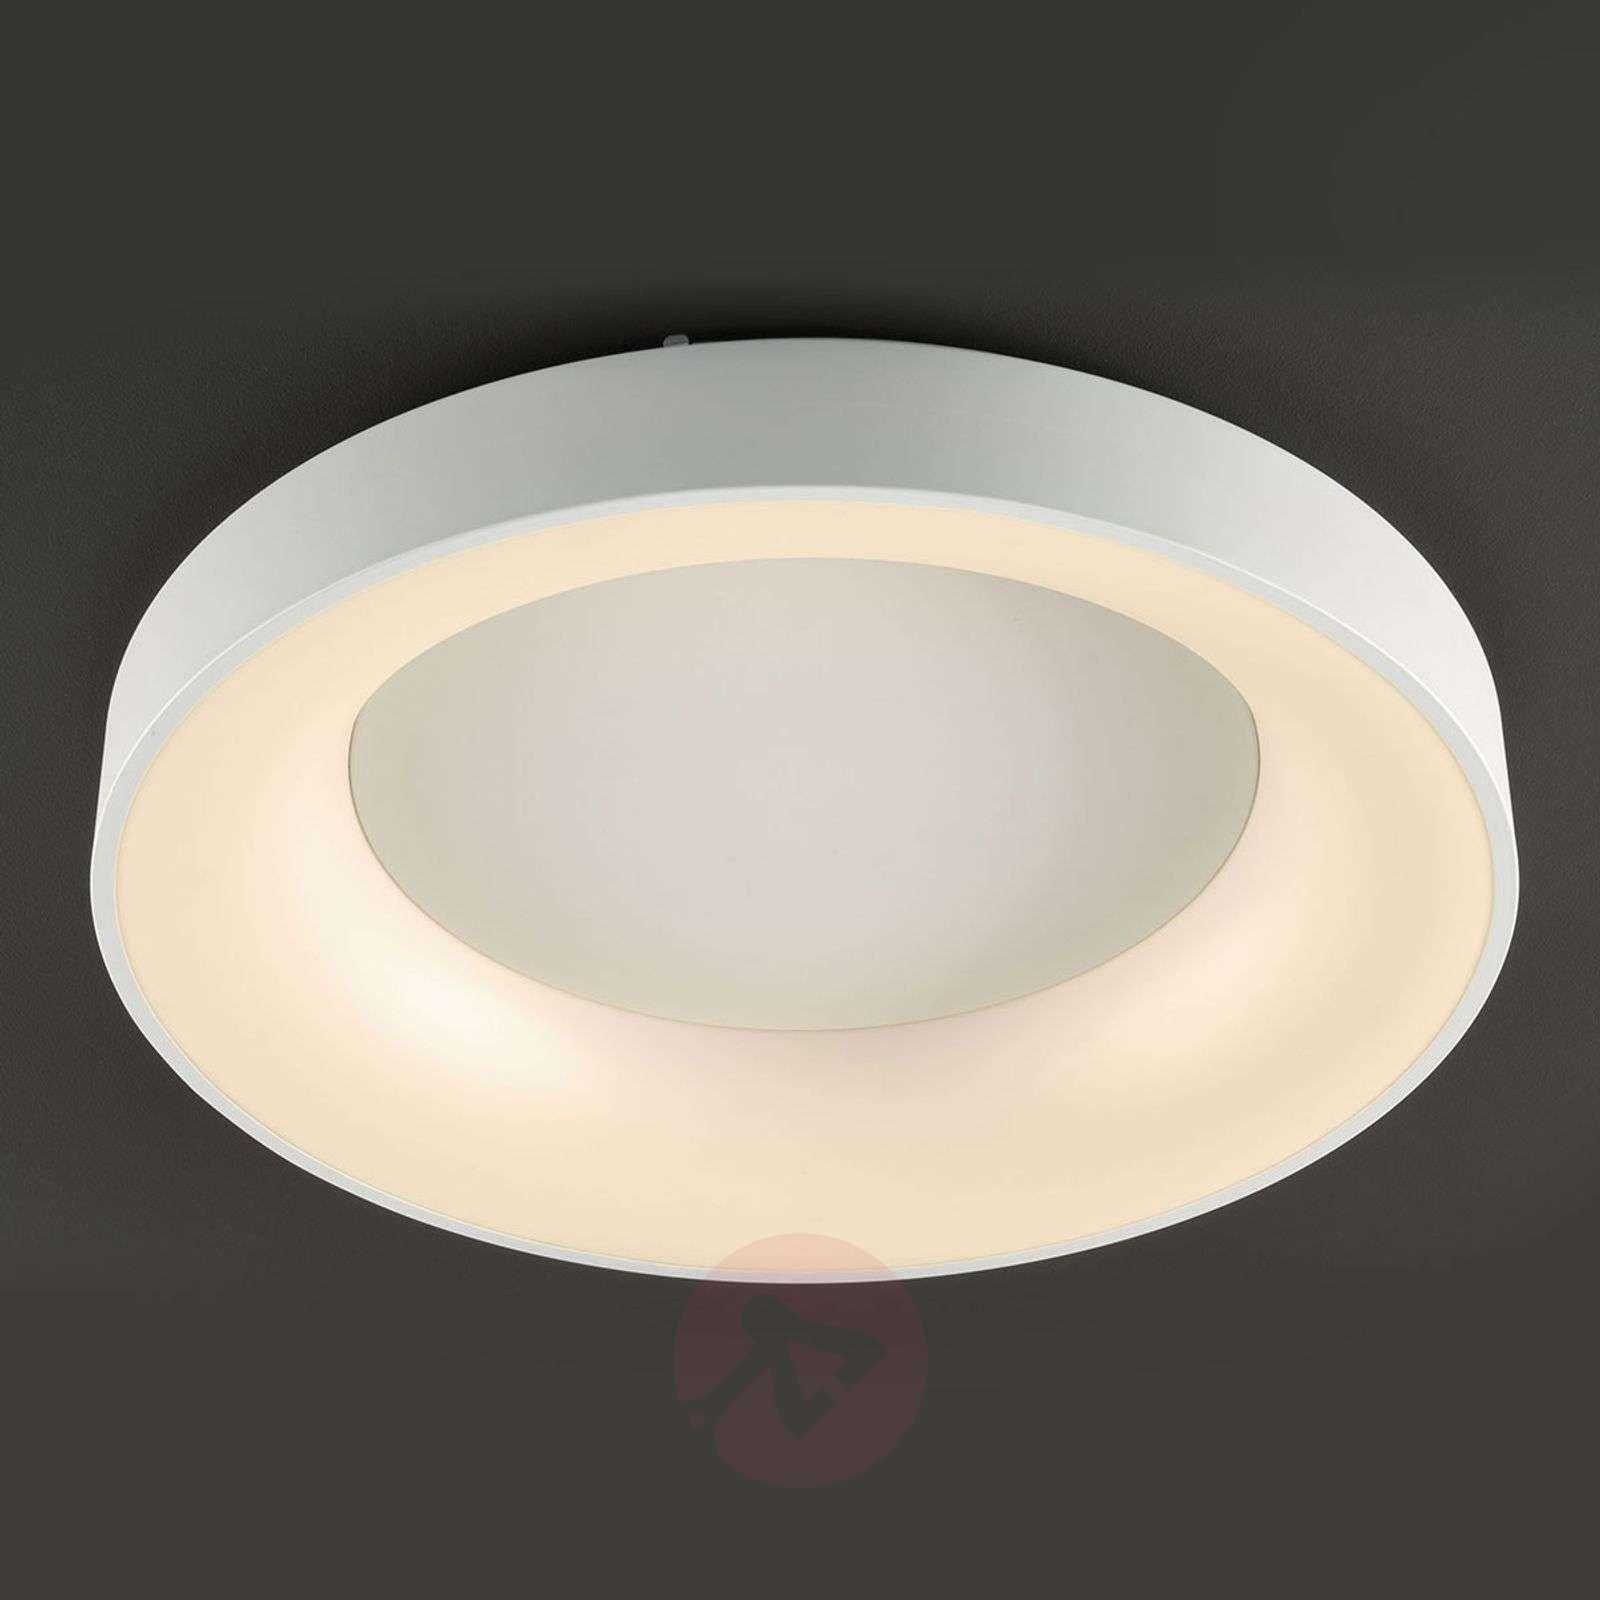 Cameron LED-kattovalaisin kaukosäätimellä-9652194-01